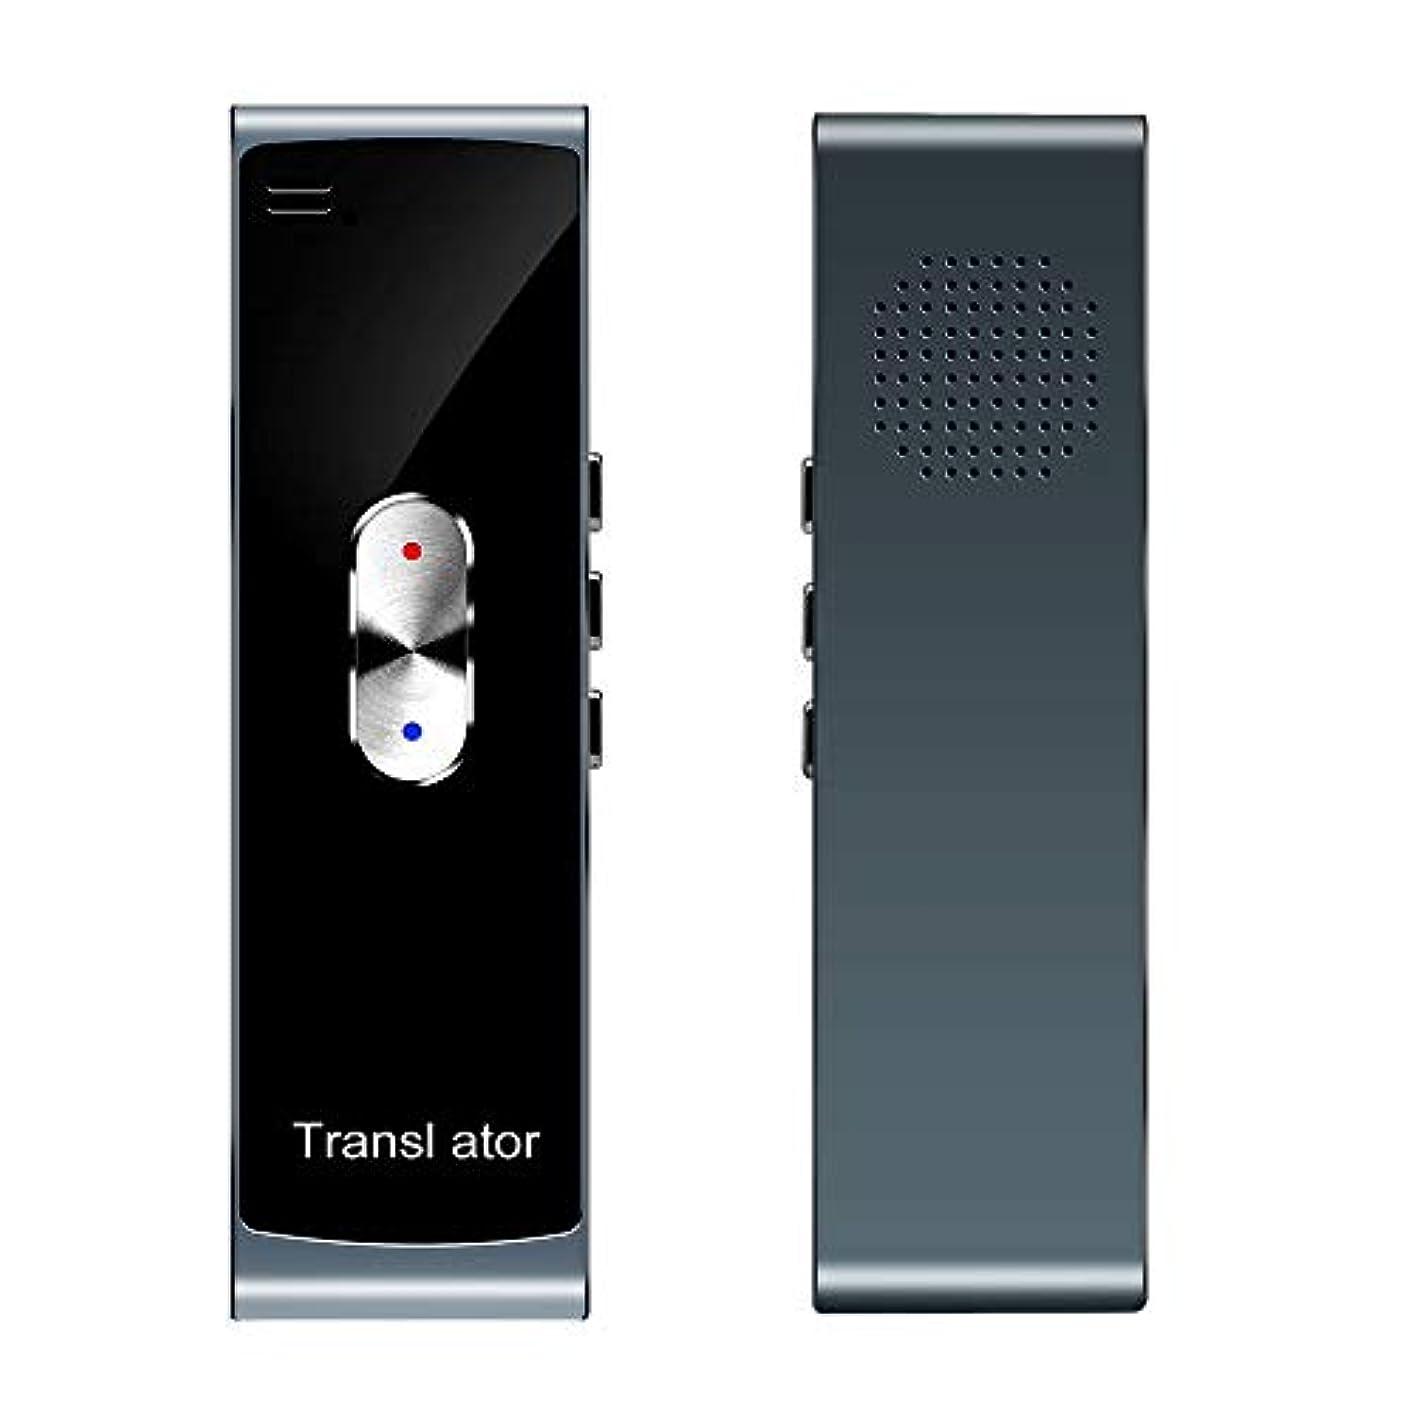 フレット手順属するスマート言語トランスレータ、ポータブルミニ多言語スマートリアルタイムトランスレータ42言語APPトランスレータBluetoothワイヤレス双方向インスタントボイス (Color : Silver)